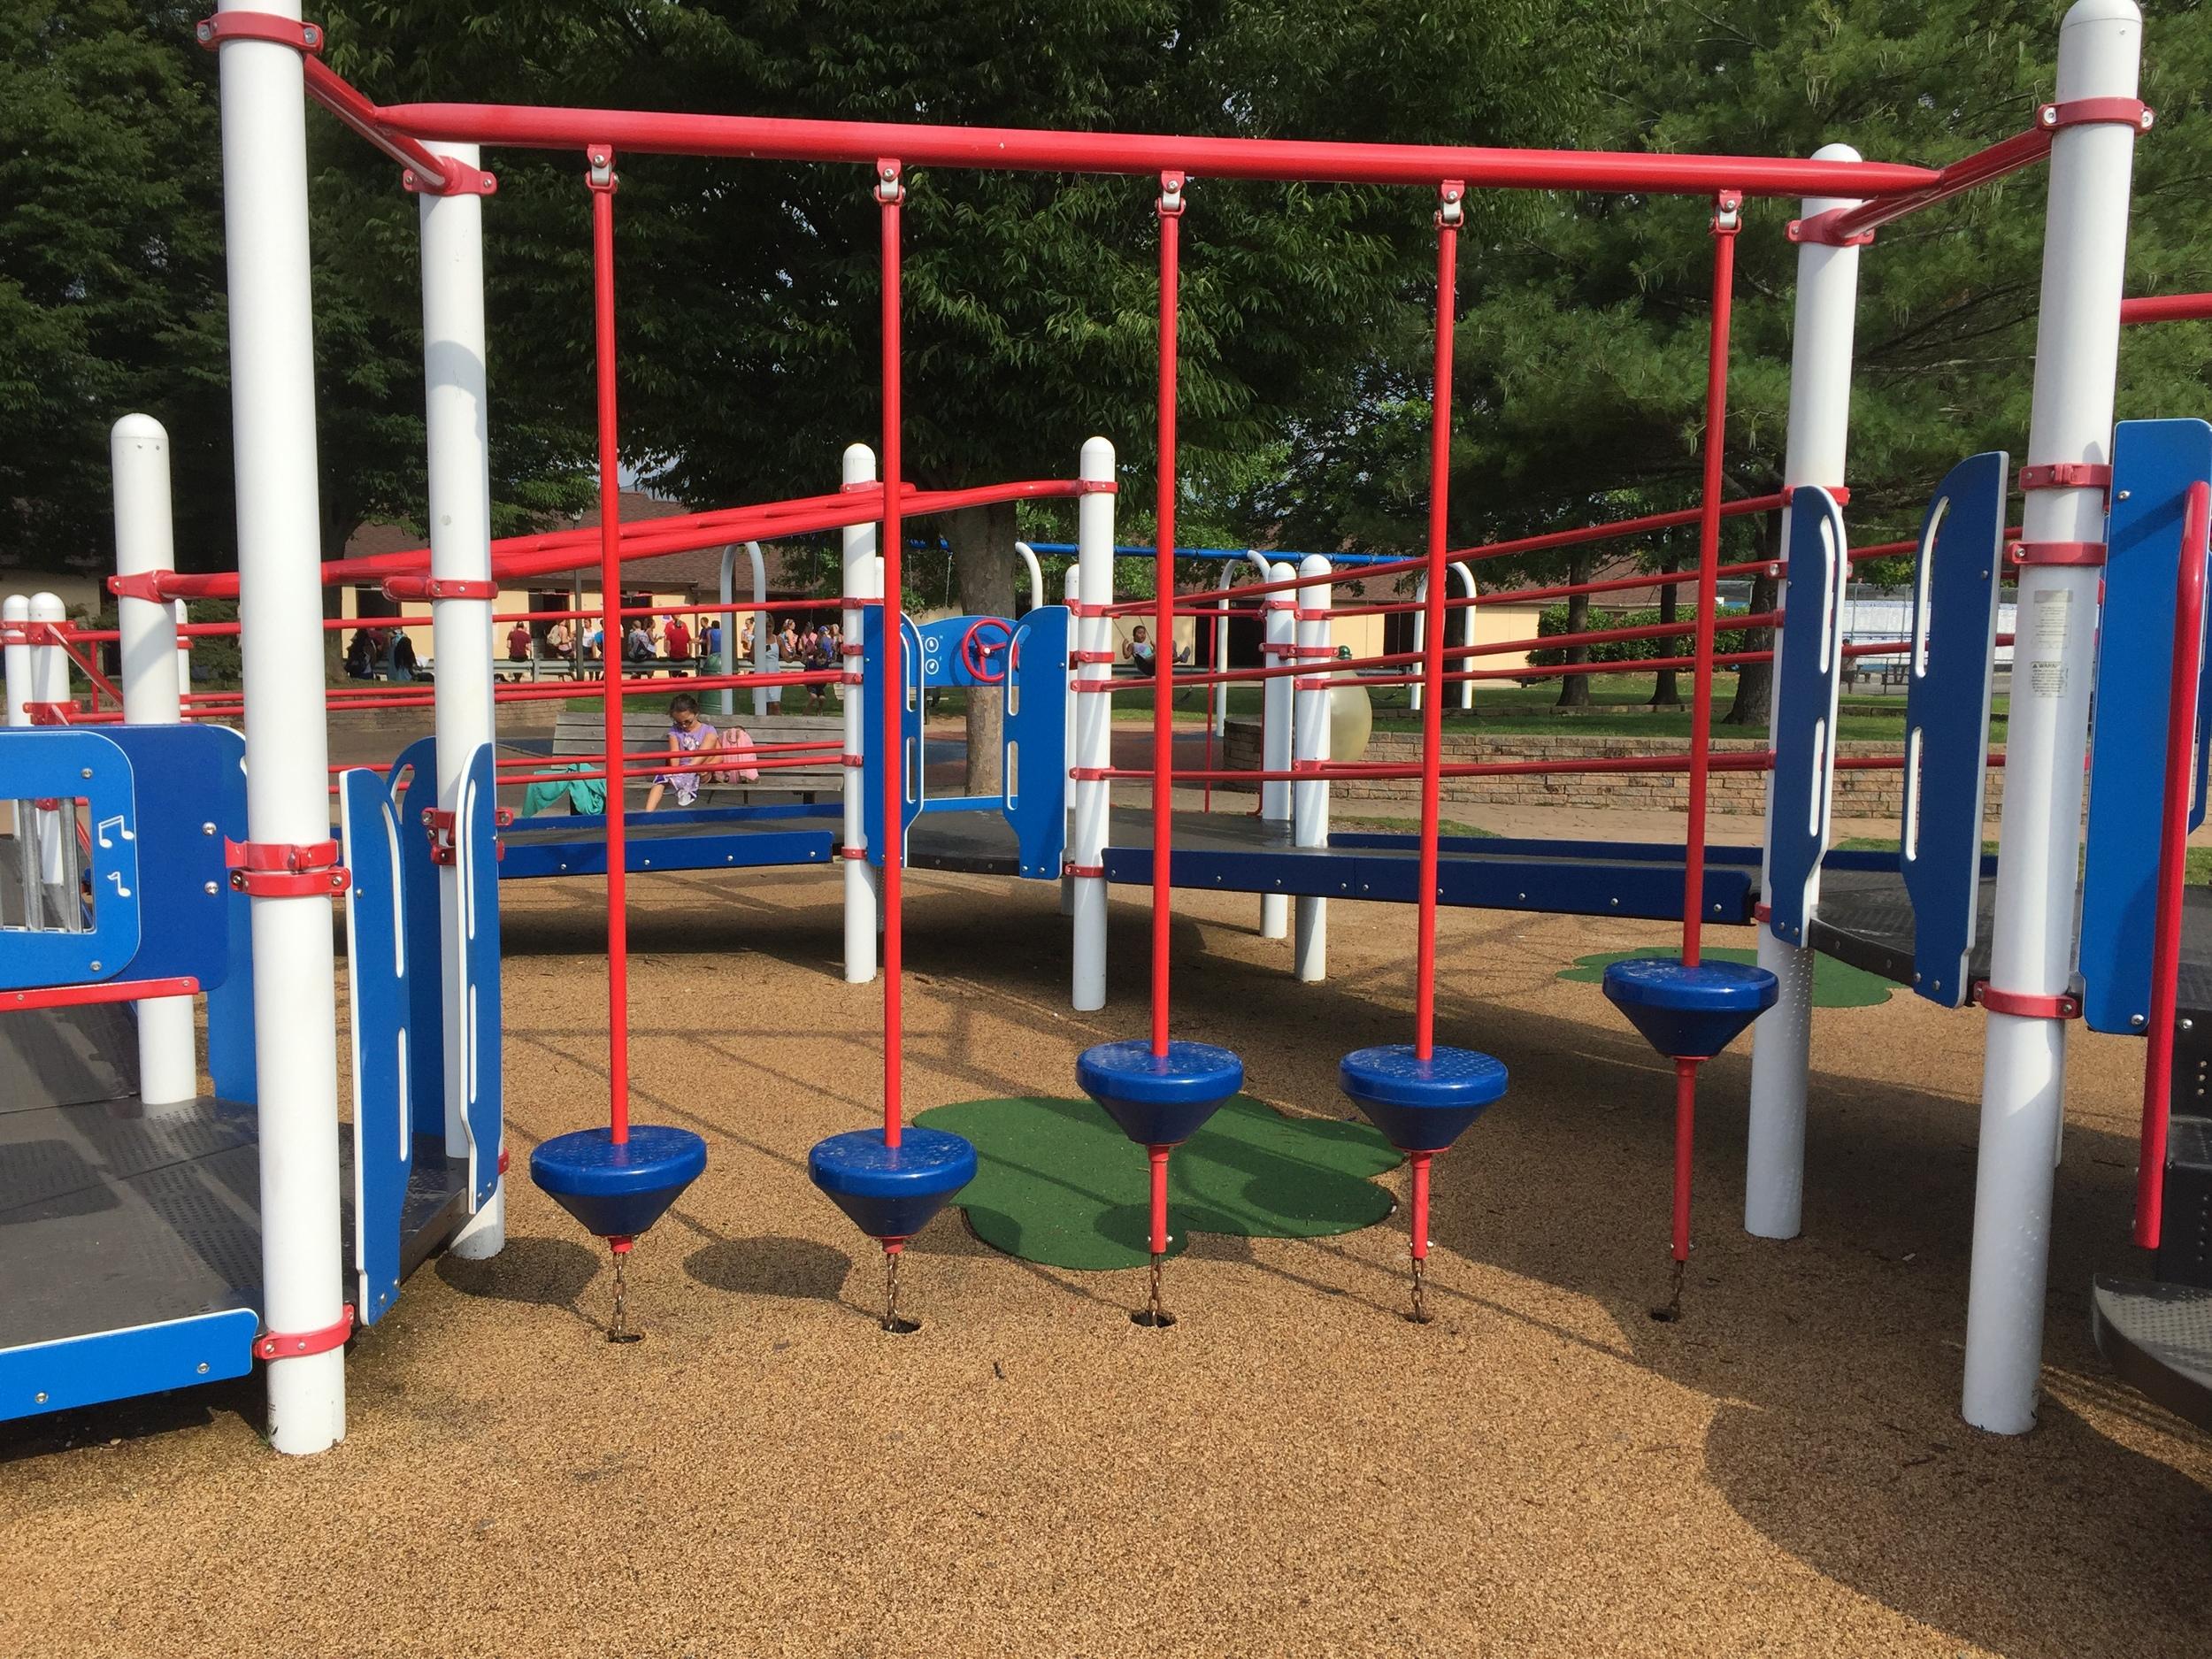 Big kid playground at Phelps Lane Park